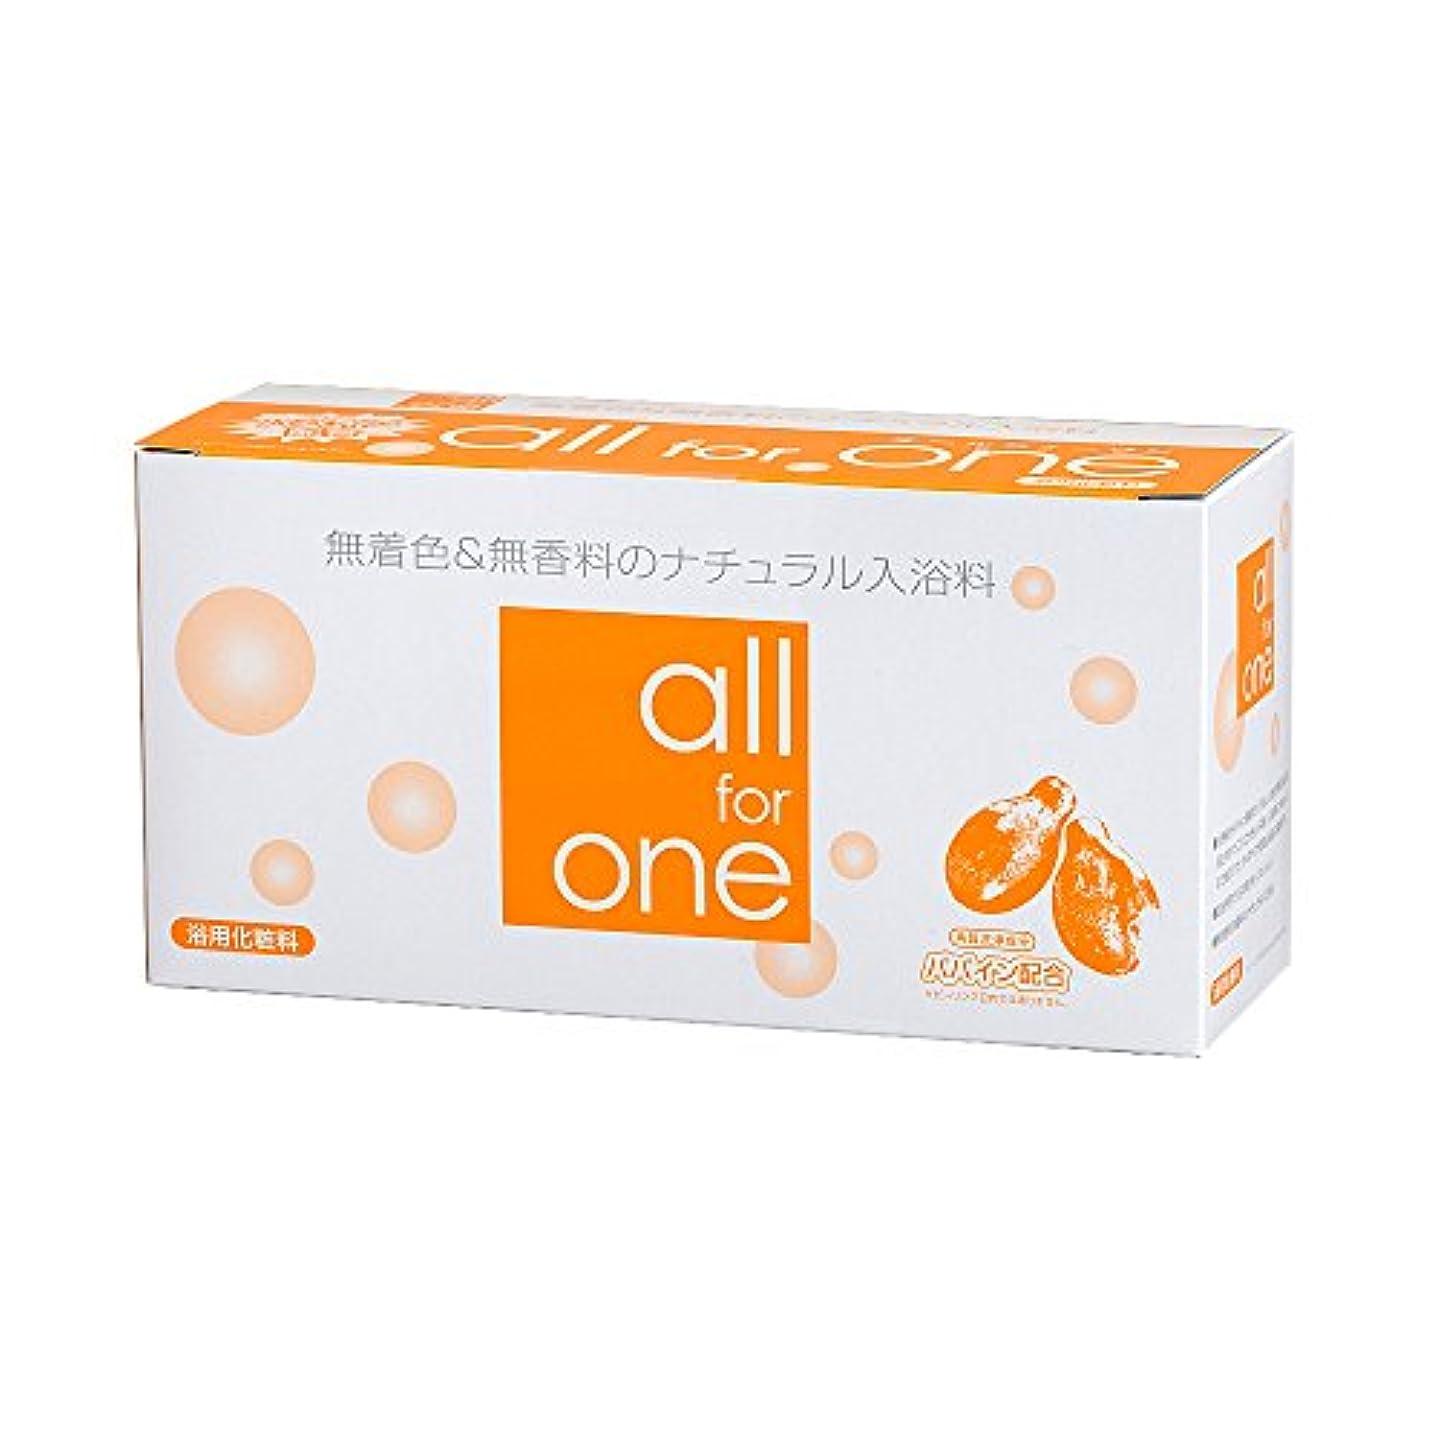 サスペンション協同へこみパパイン酵素配合 無着色&無香料 ナチュラル入浴剤 all for one 30包